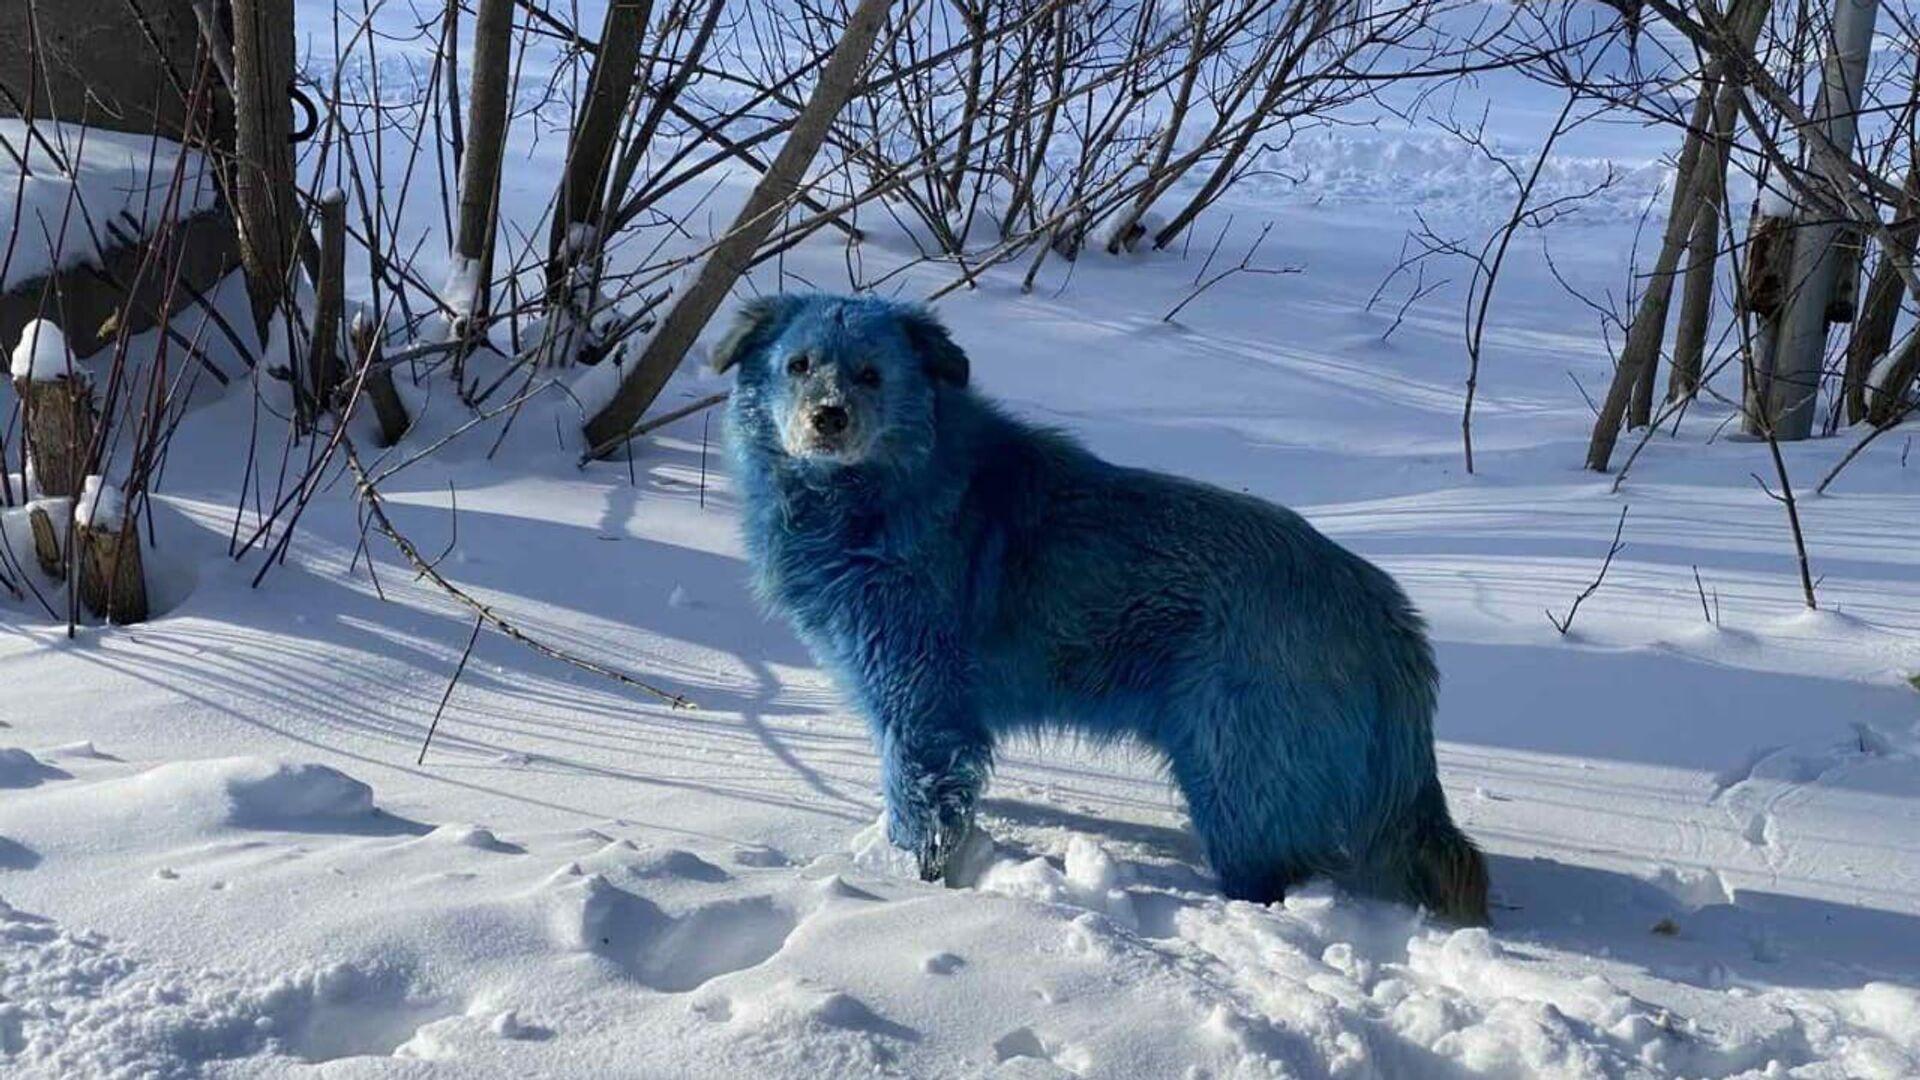 Синие собаки на территории завода Оргстекло в городе Дзержинске Нижегородской области - РИА Новости, 1920, 11.02.2021